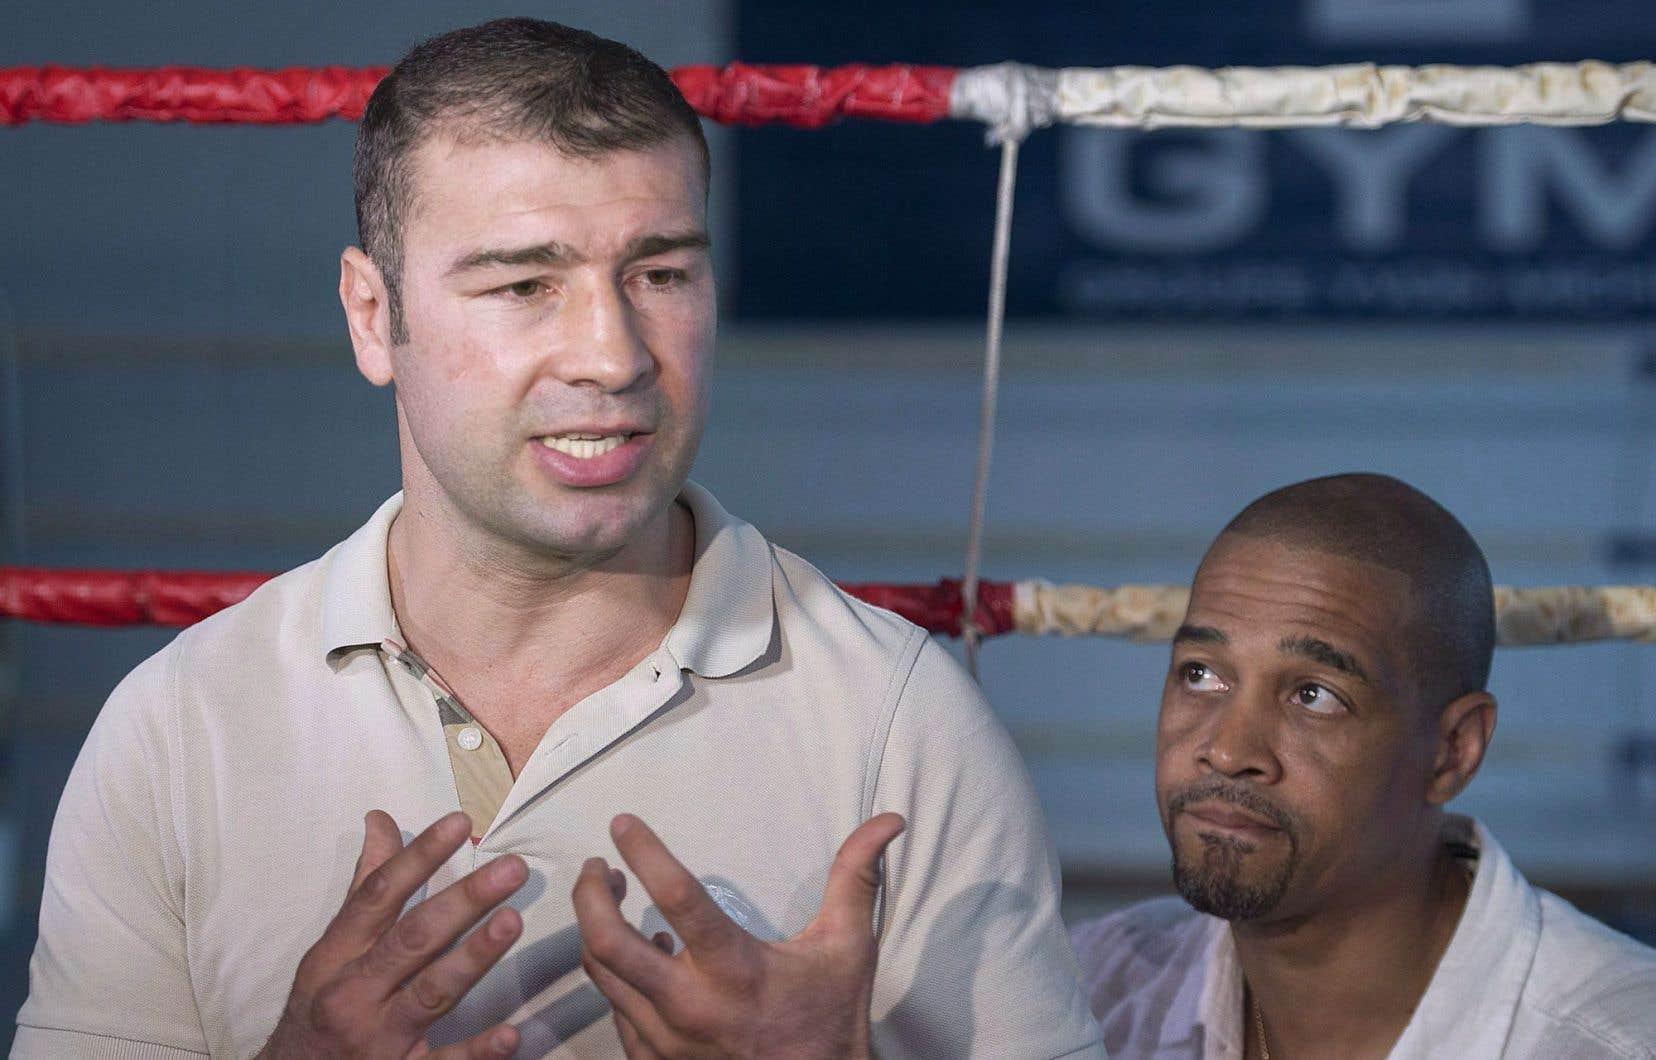 Le boxeur québécois d'origine roumaine Lucian Bute (gauche) et son entraîneur, Howard Grant, le 27 mai 2016